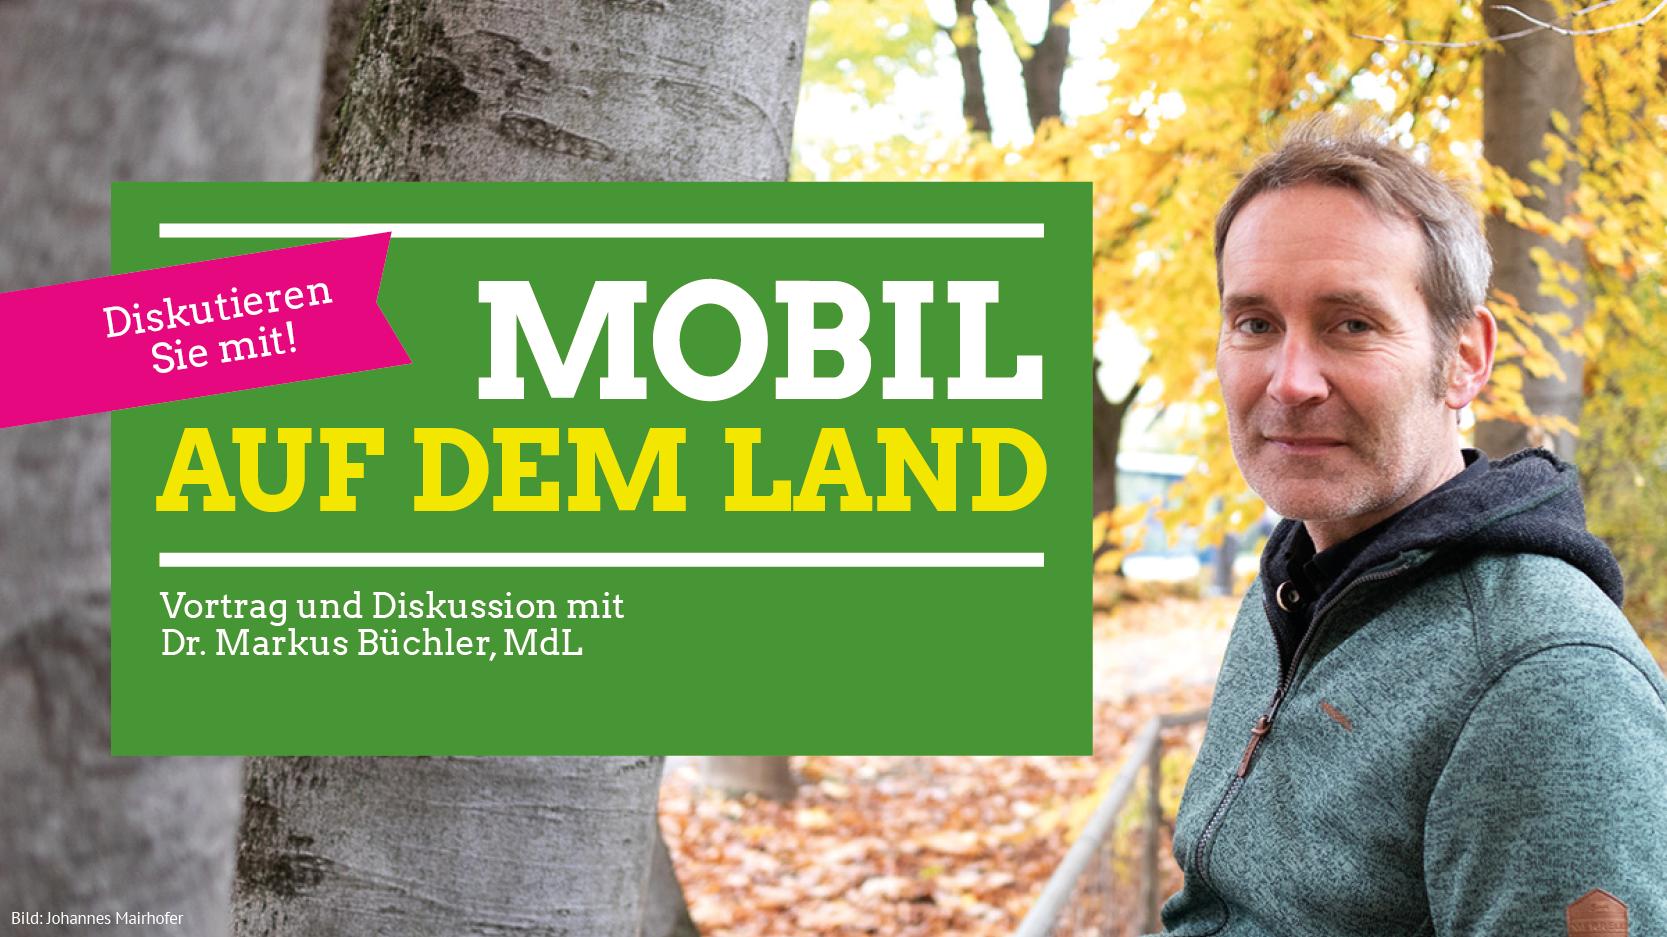 Mobil auf dem Land – Vortrag und Diskussion mit Dr. Markus Büchler, MdL und Martina Neubauer